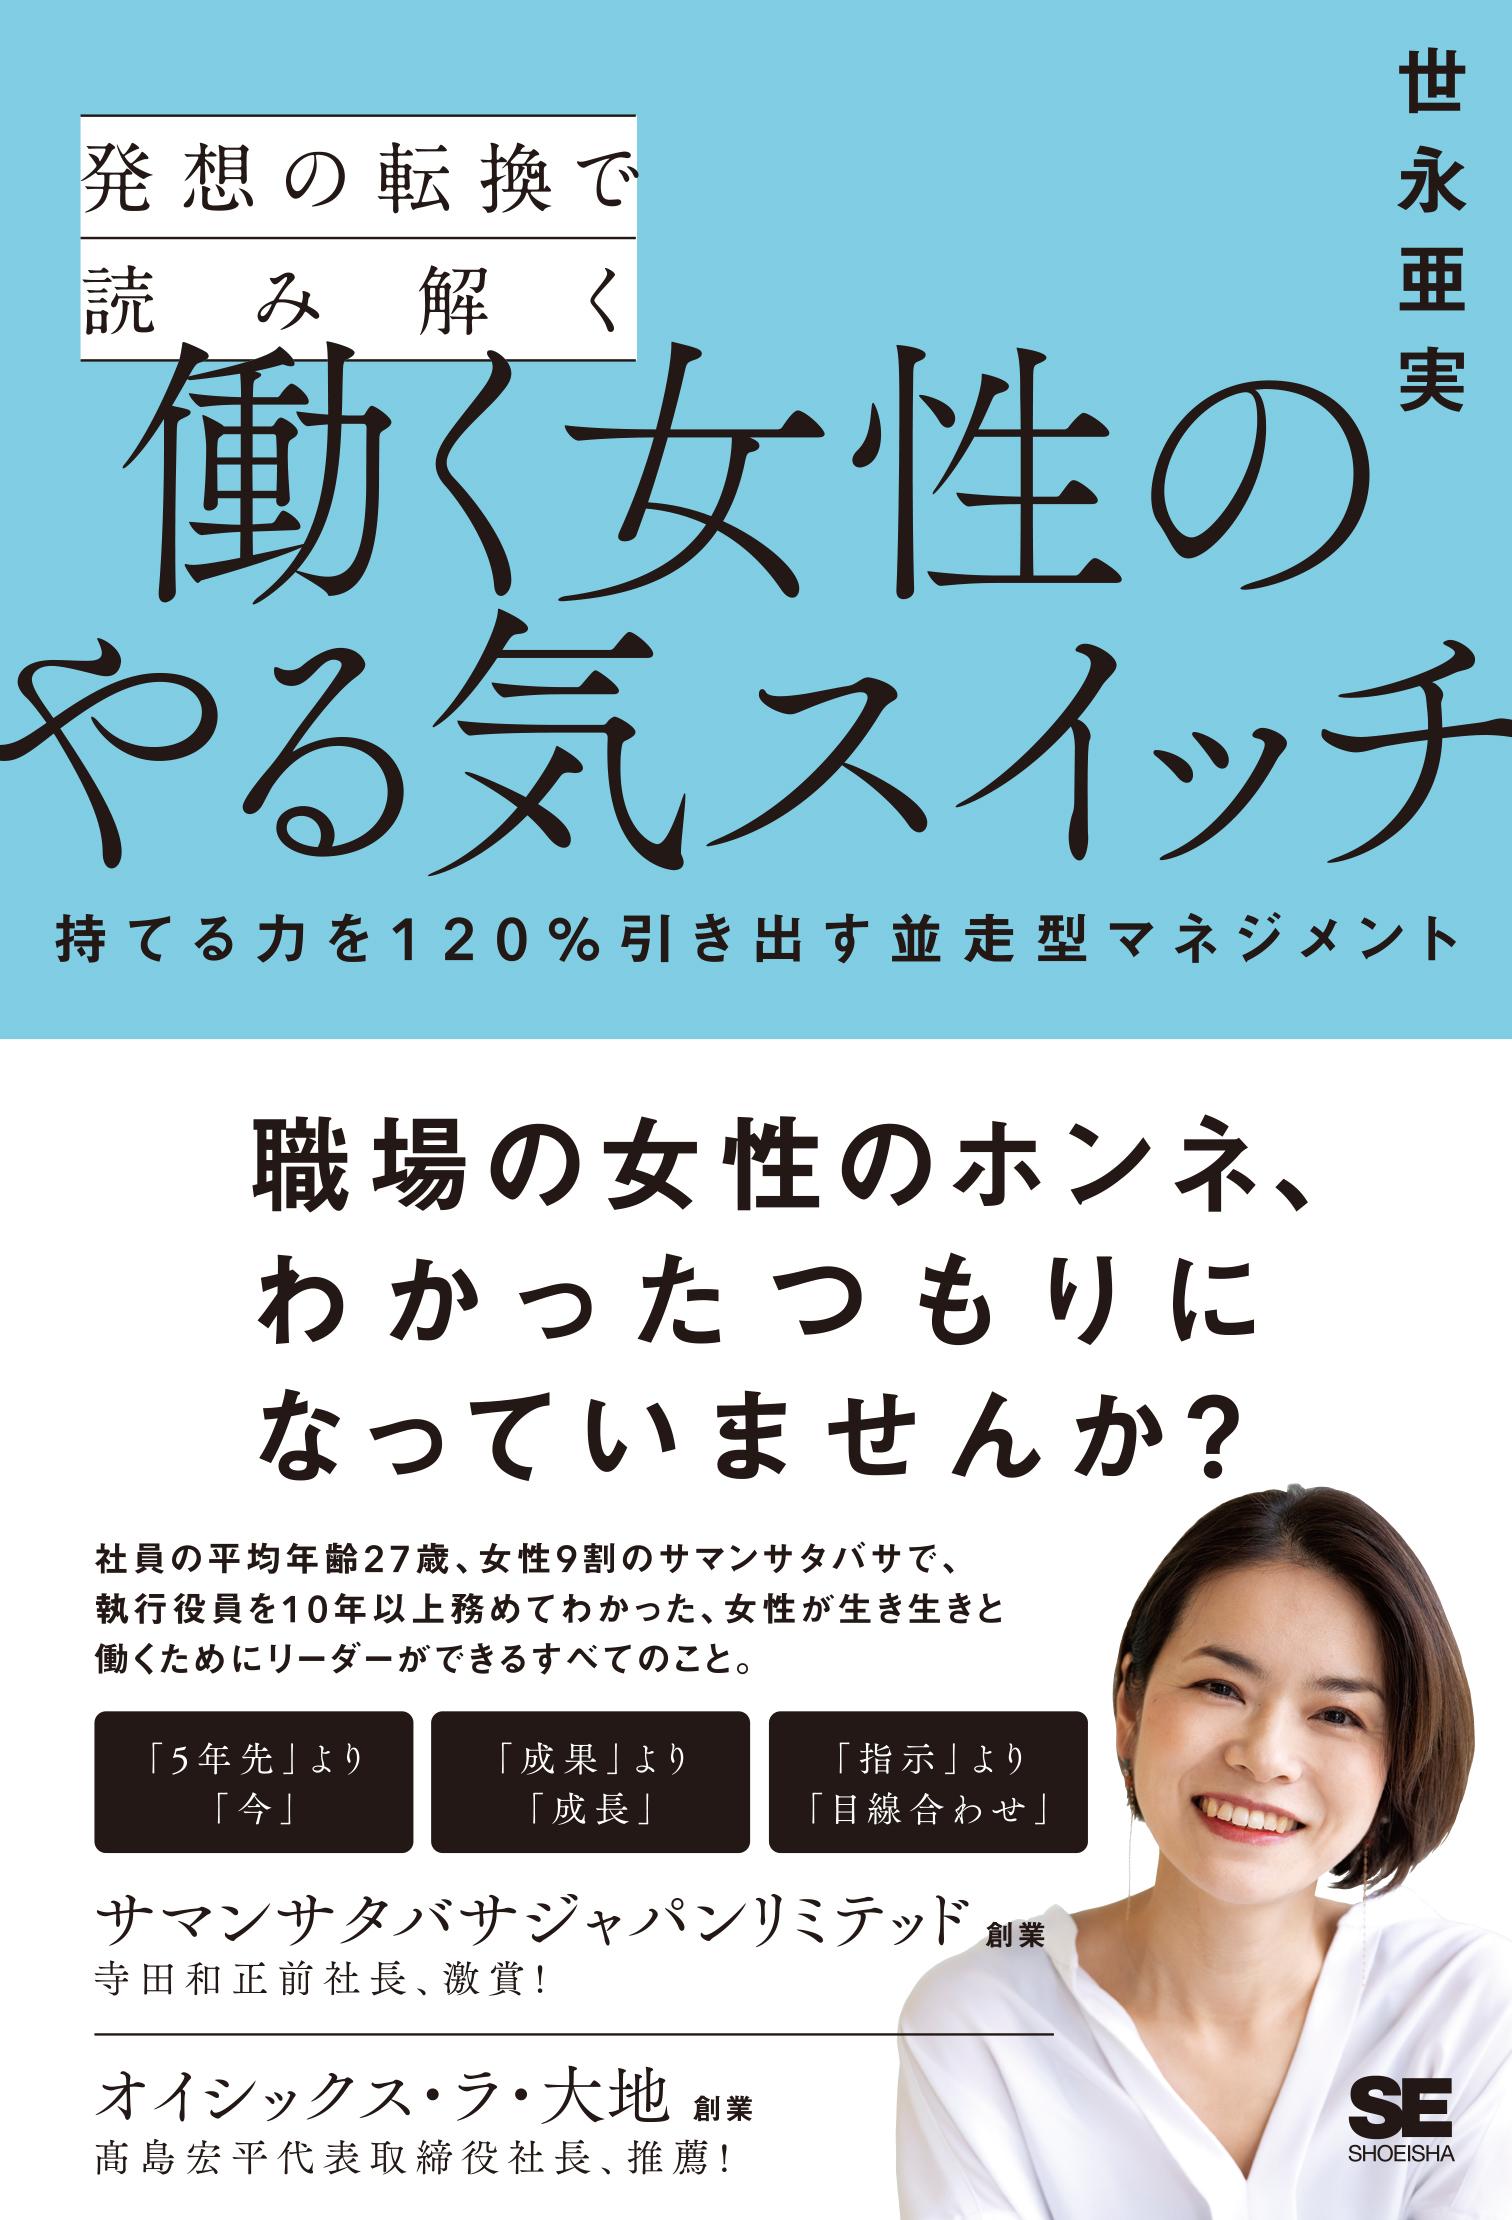 画像は、『発想の転換で読み解く働く女性のやる気スイッチ 持てる力を120%引き出す並走型マネジメント』(翔泳社)